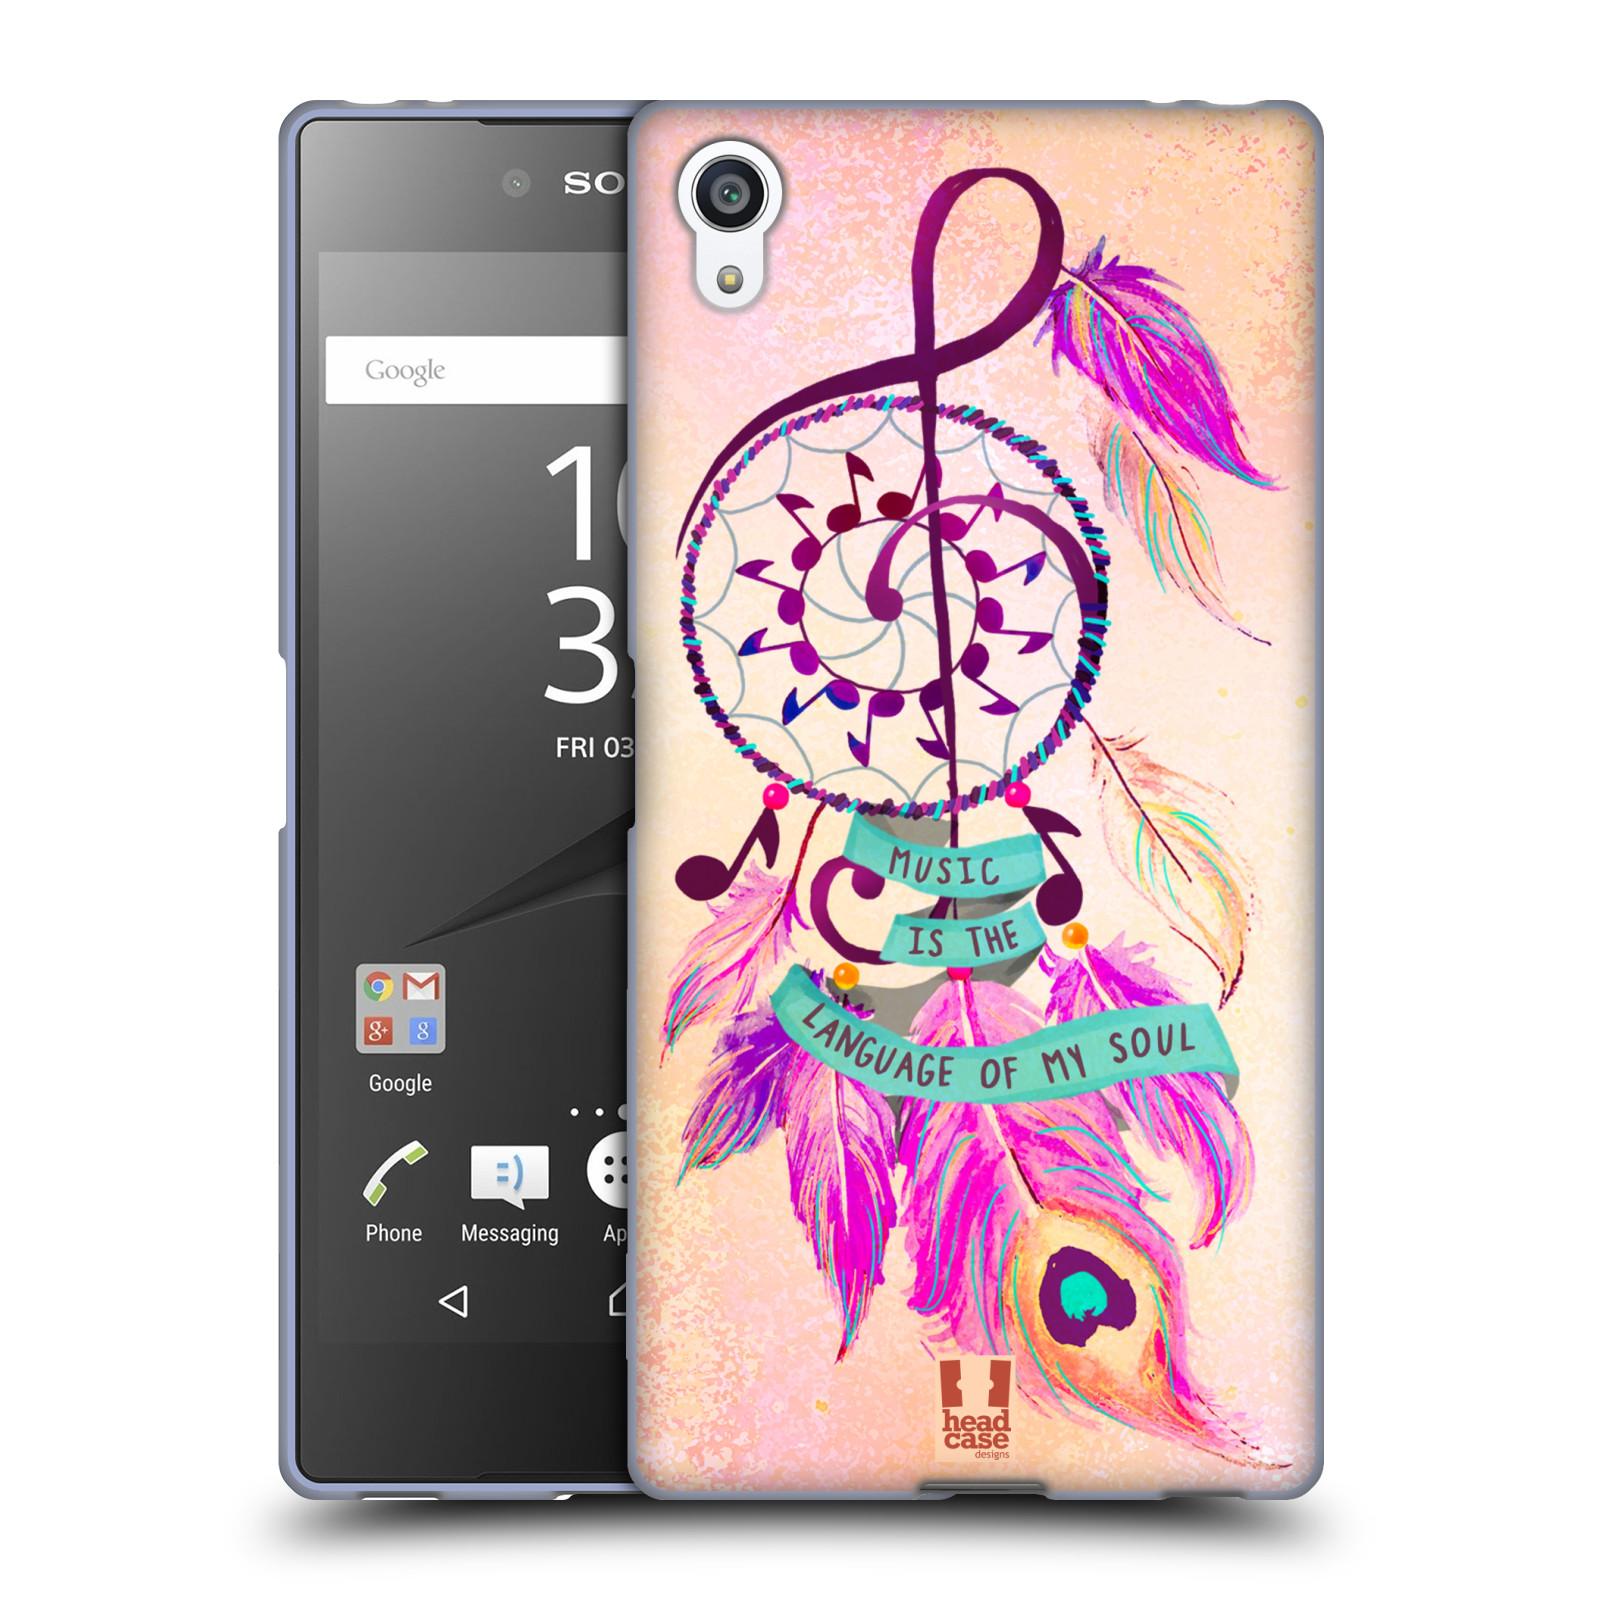 Silikonové pouzdro na mobil Sony Xperia Z5 Premium HEAD CASE Lapač Assorted Music